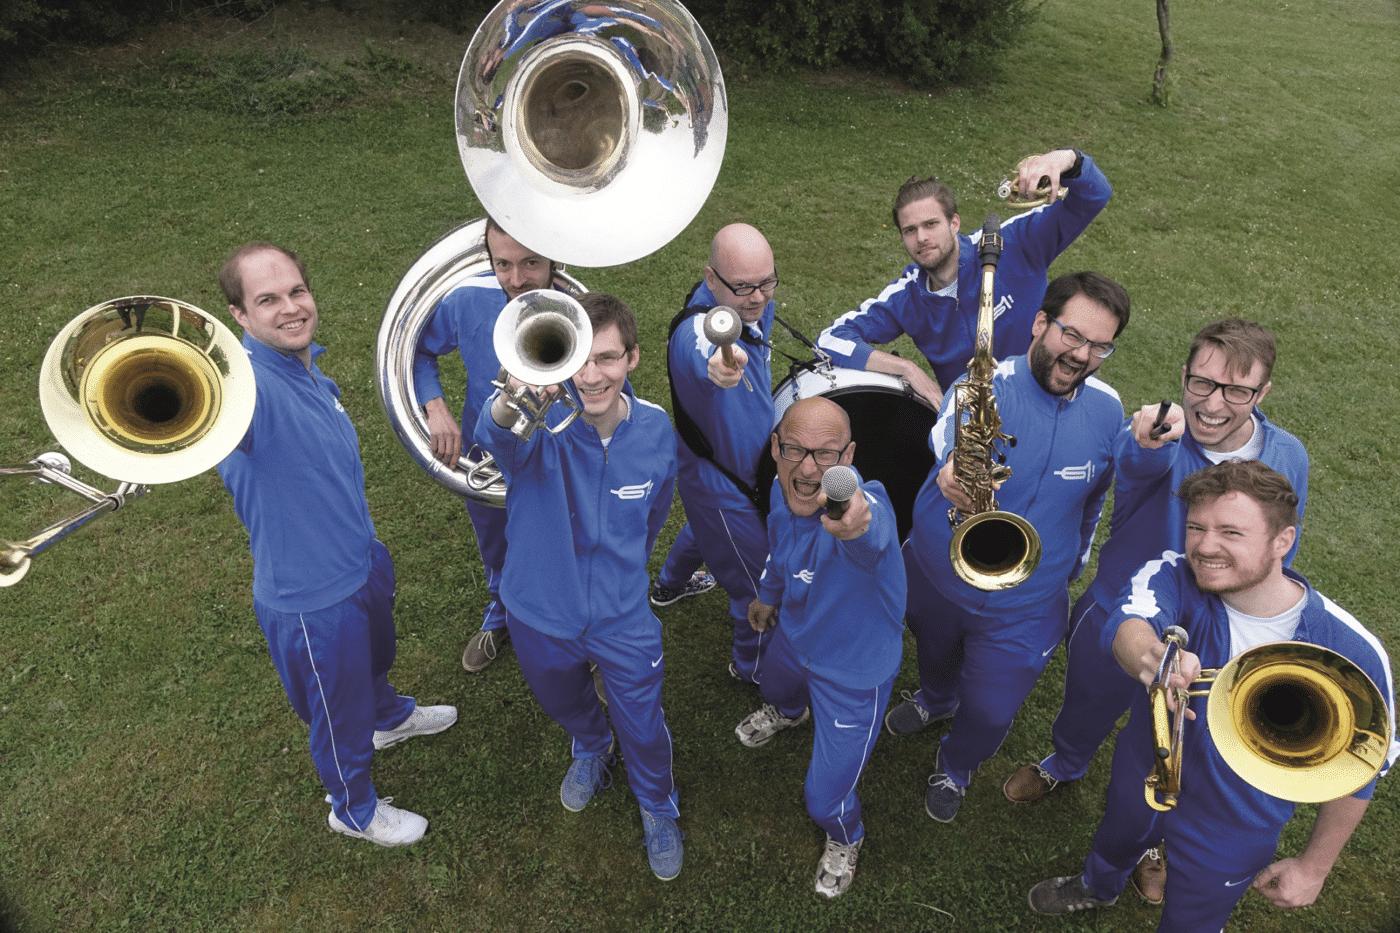 Rechtsschutzsaal: Herry-Schmitt Quartett begeisterte